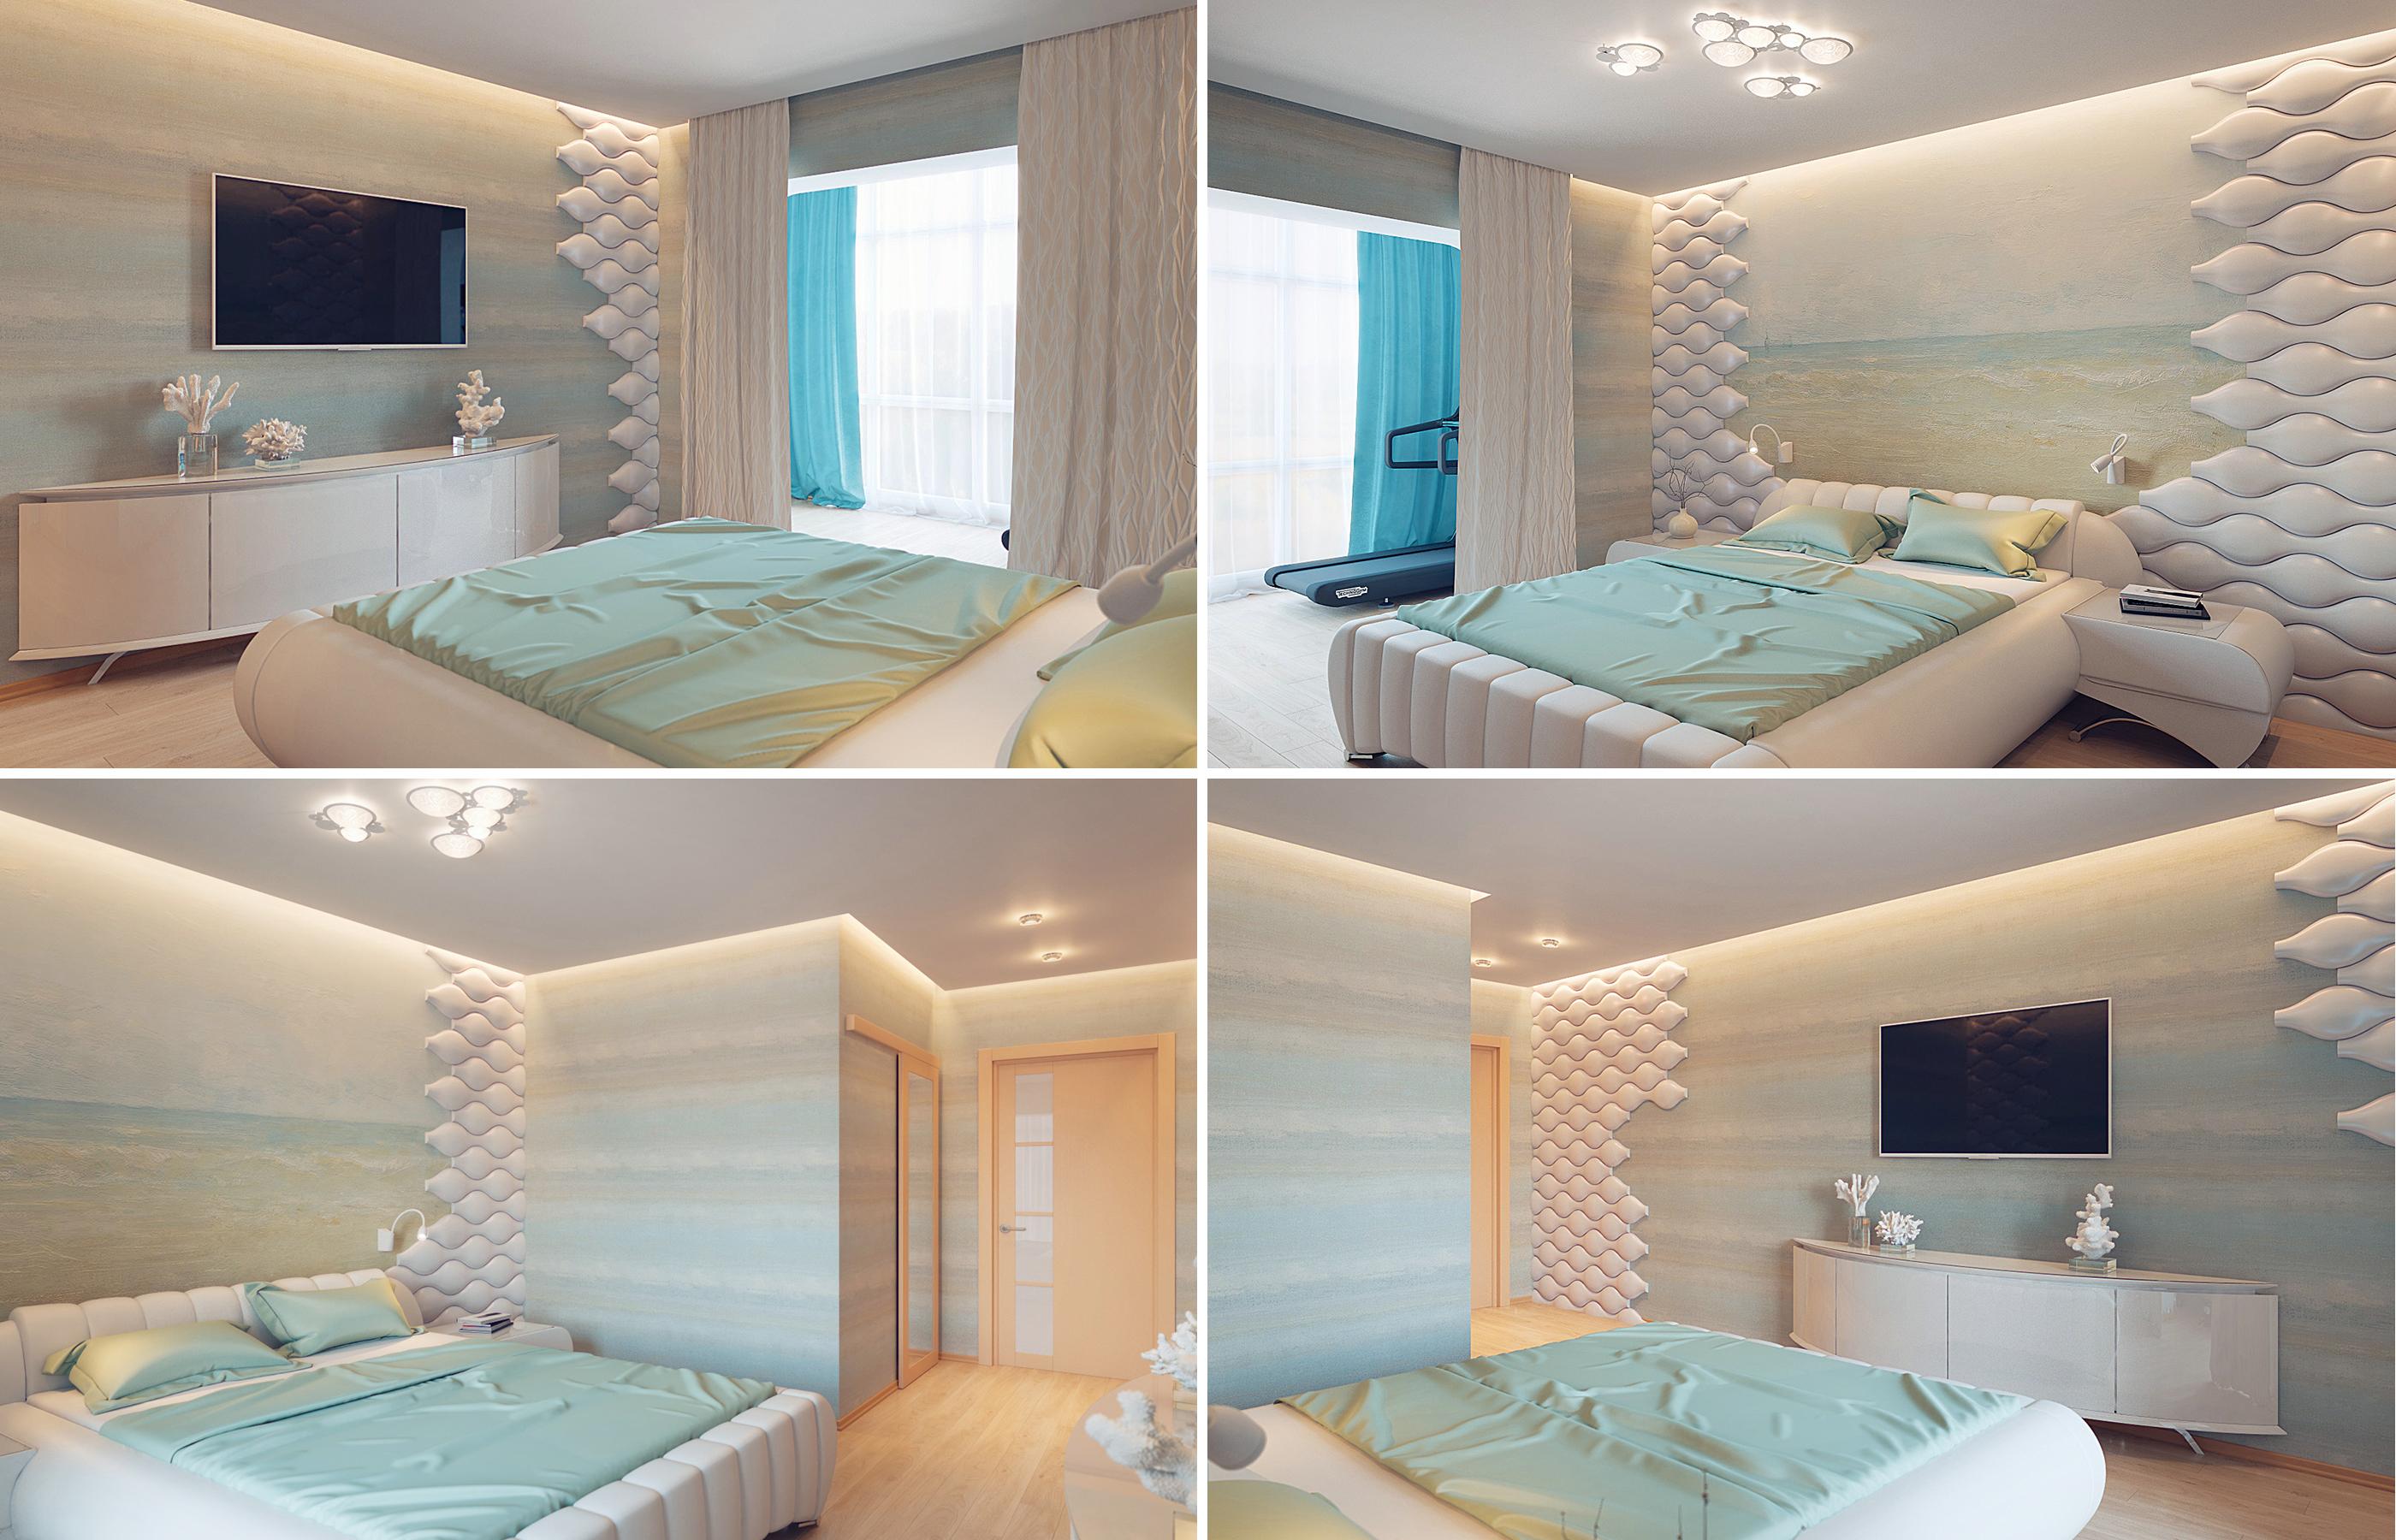 Проект дизайна интерьера спальни в песочно-голубых тонах